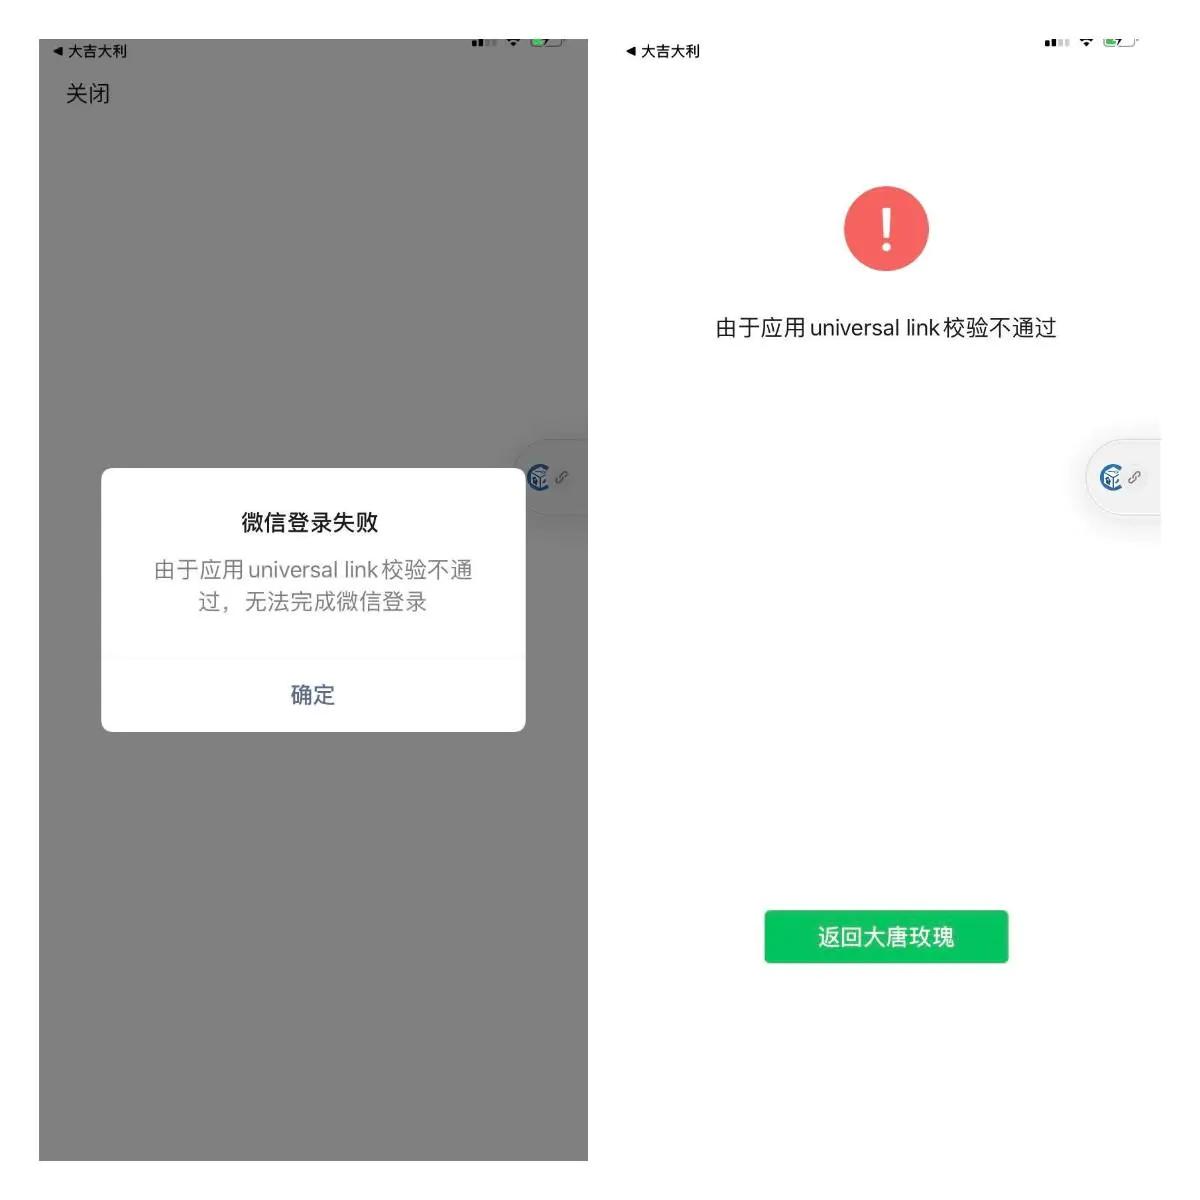 微信登入错误示例